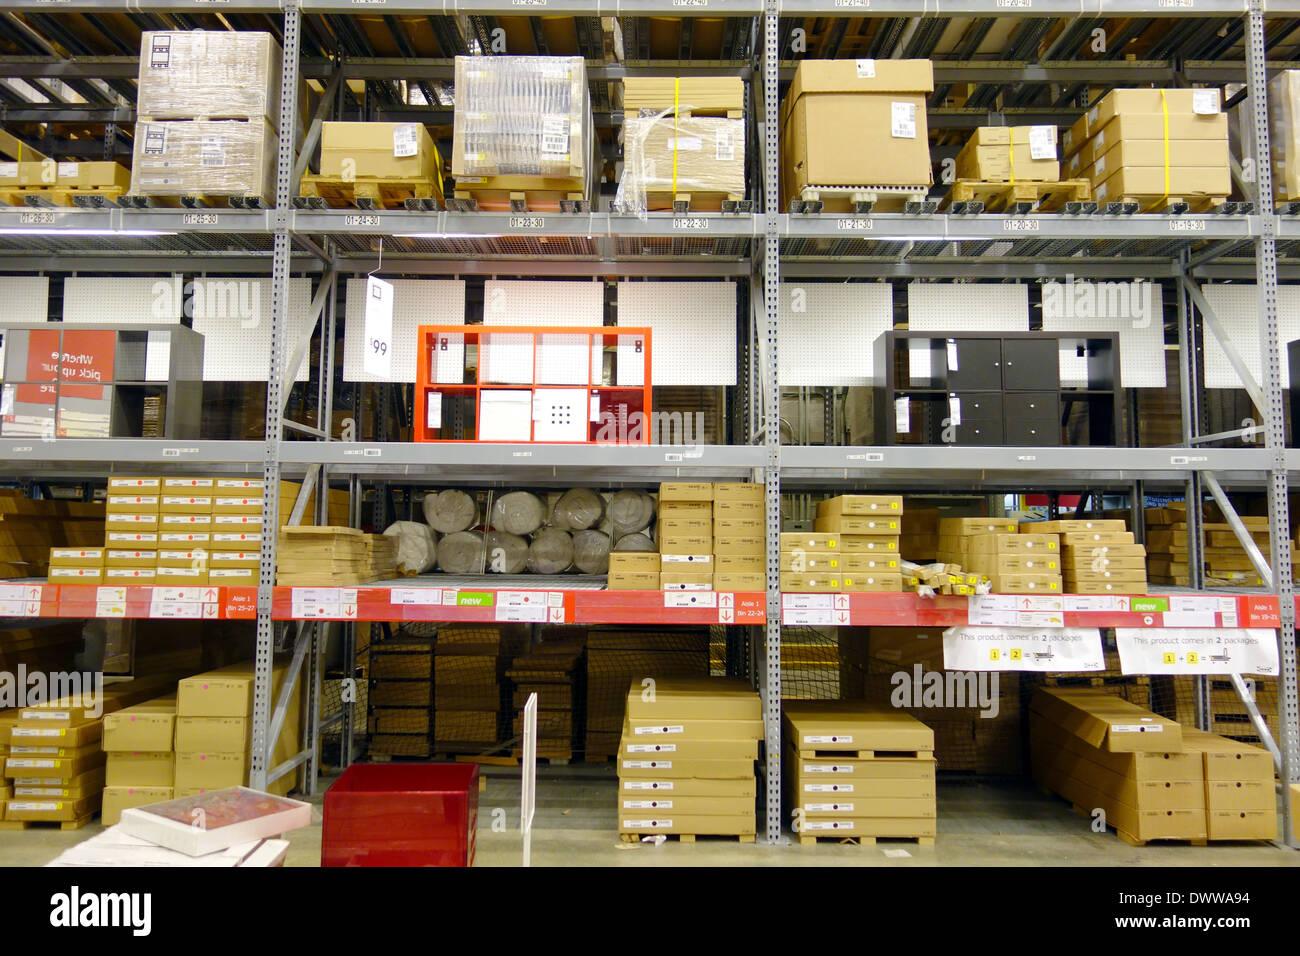 Einrichtungshaus  Lager Regale im Ikea Einrichtungshaus in Toronto, Kanada Stockfoto ...